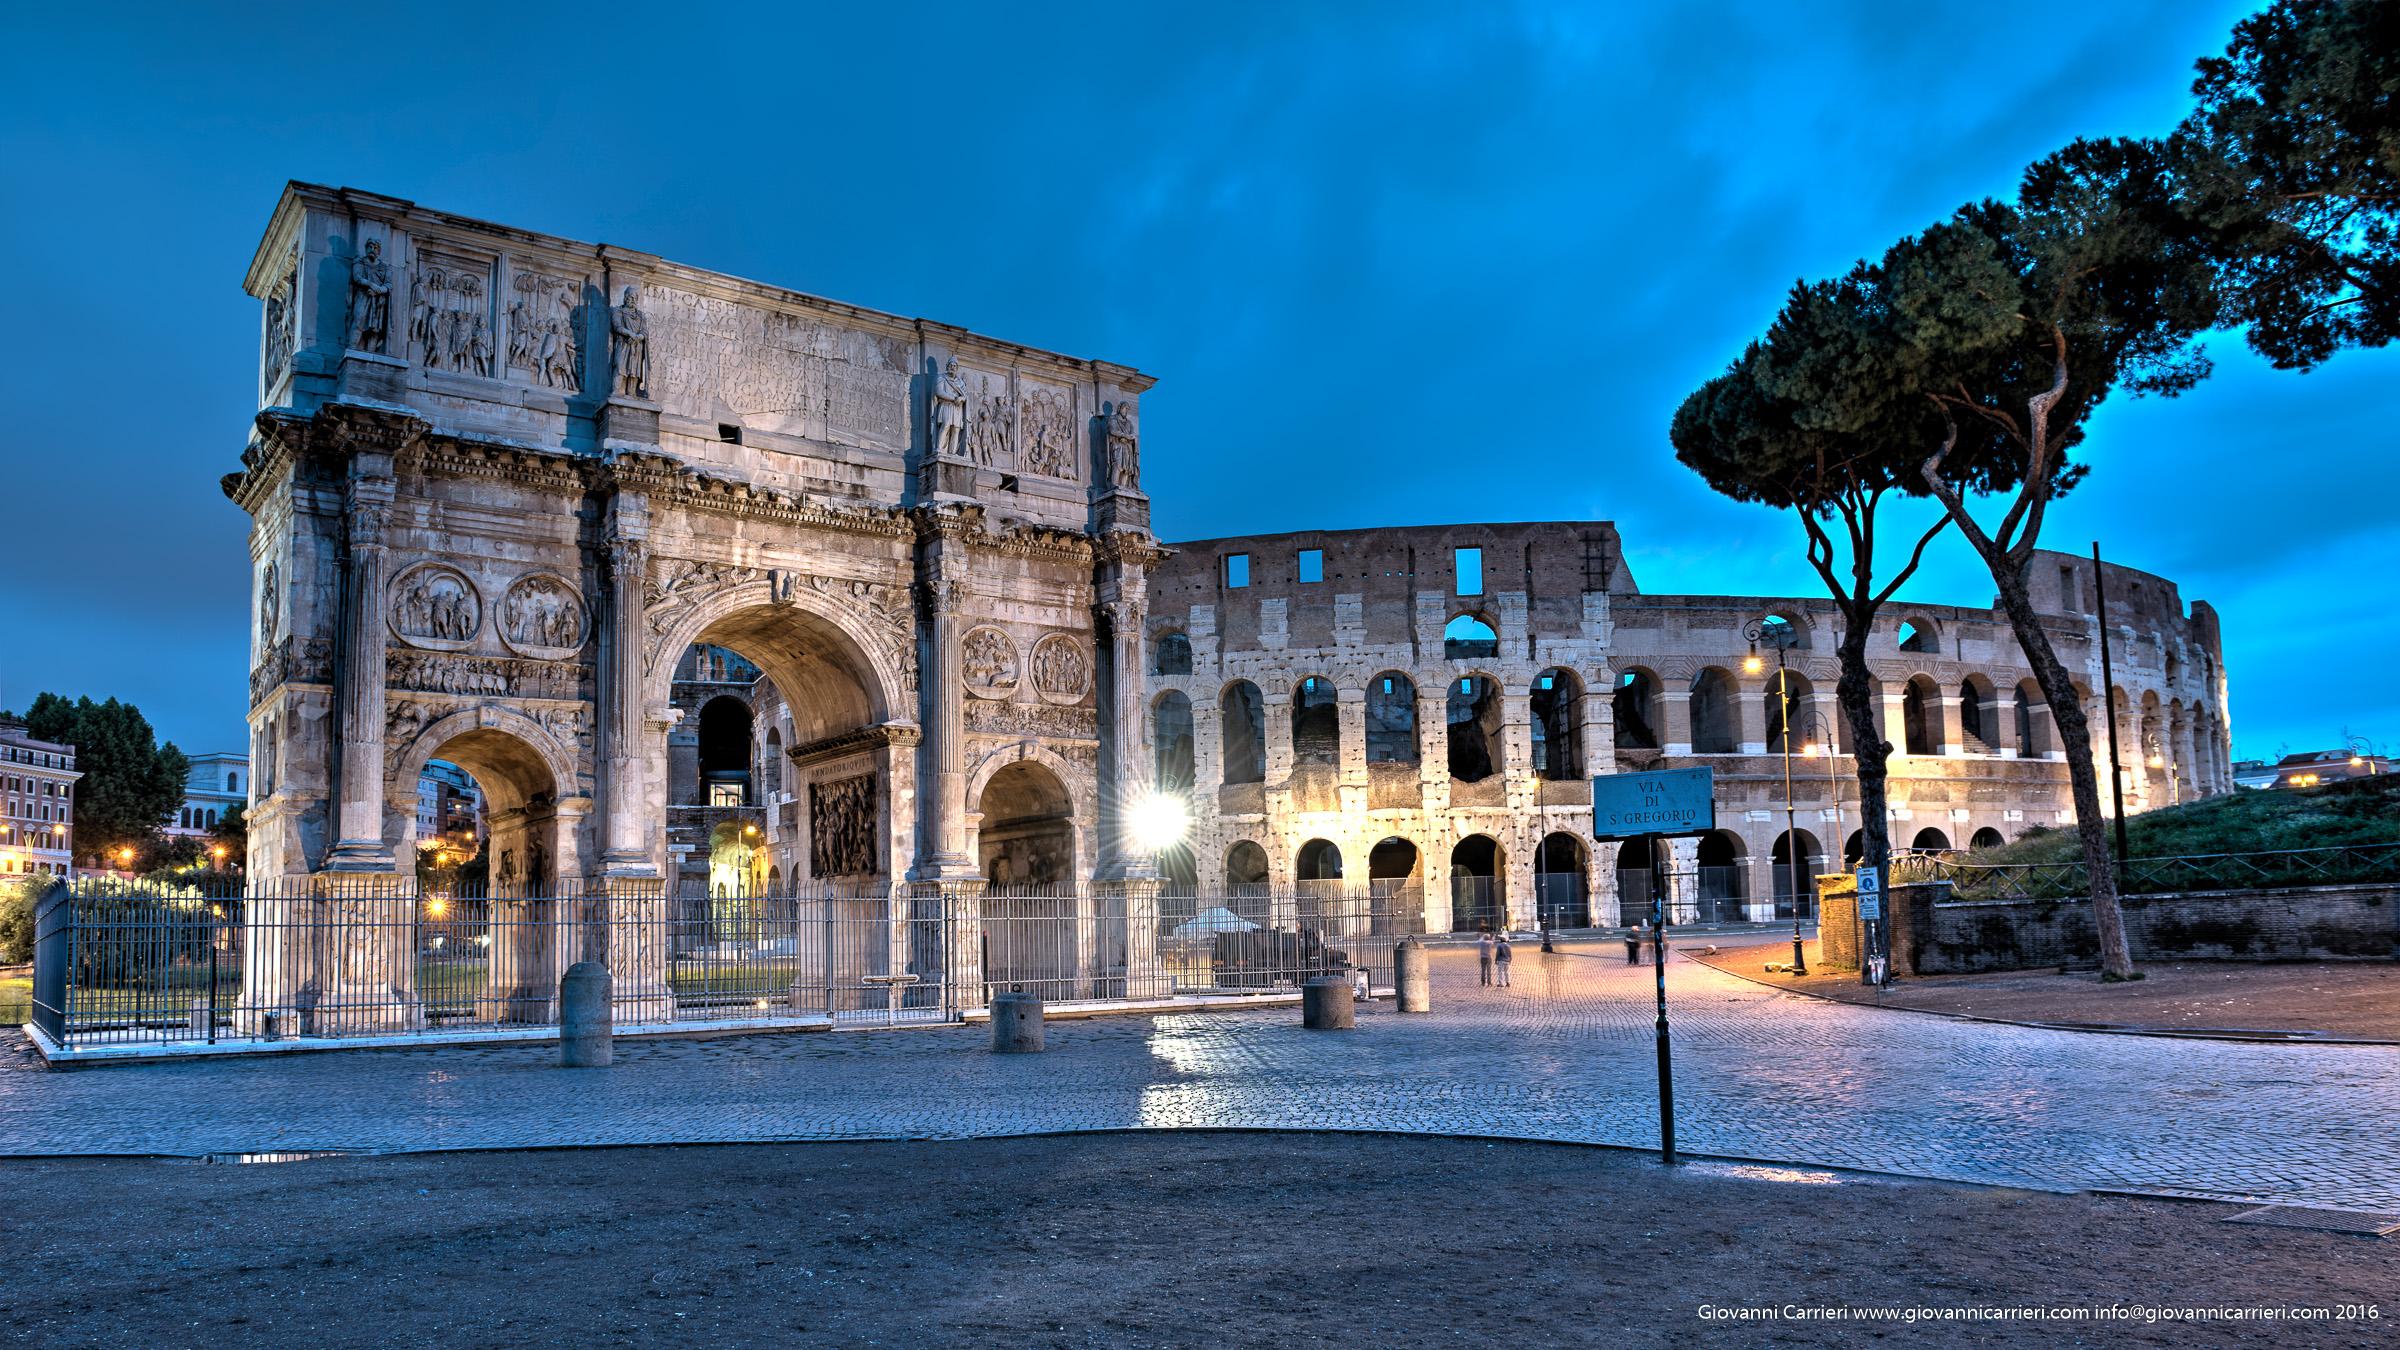 Il Colosseo e l'Arco di Costantino al tramonto